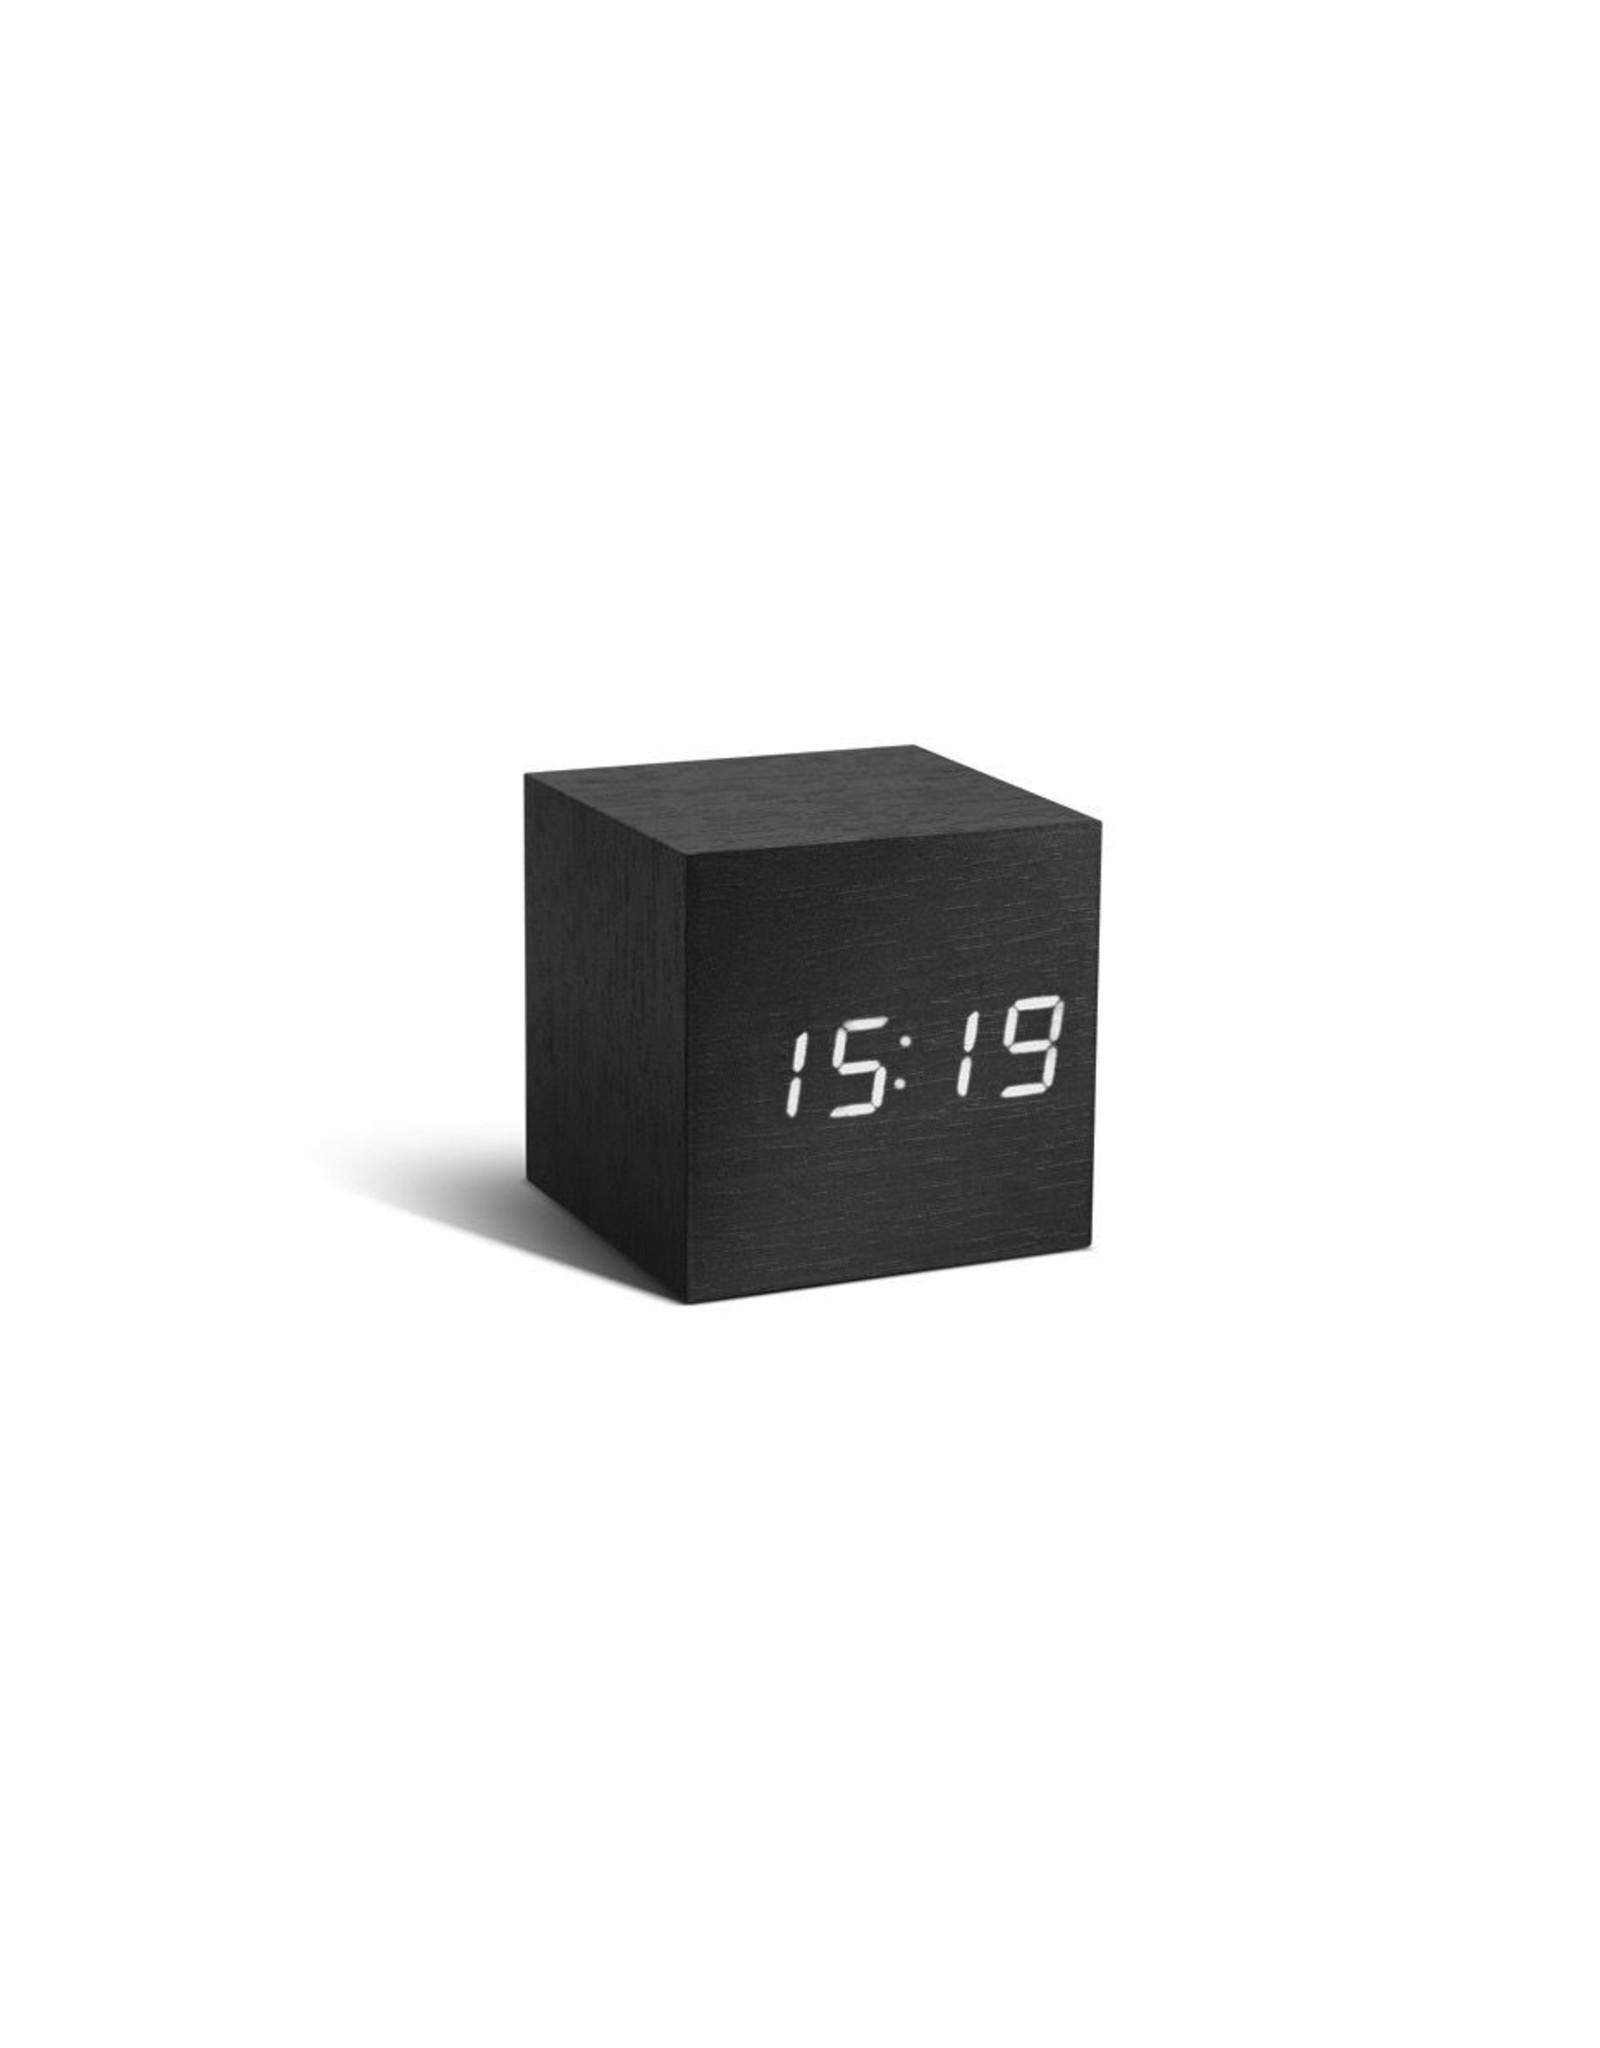 PREFIX DESIGN / LEXON Cube Black Click Clock